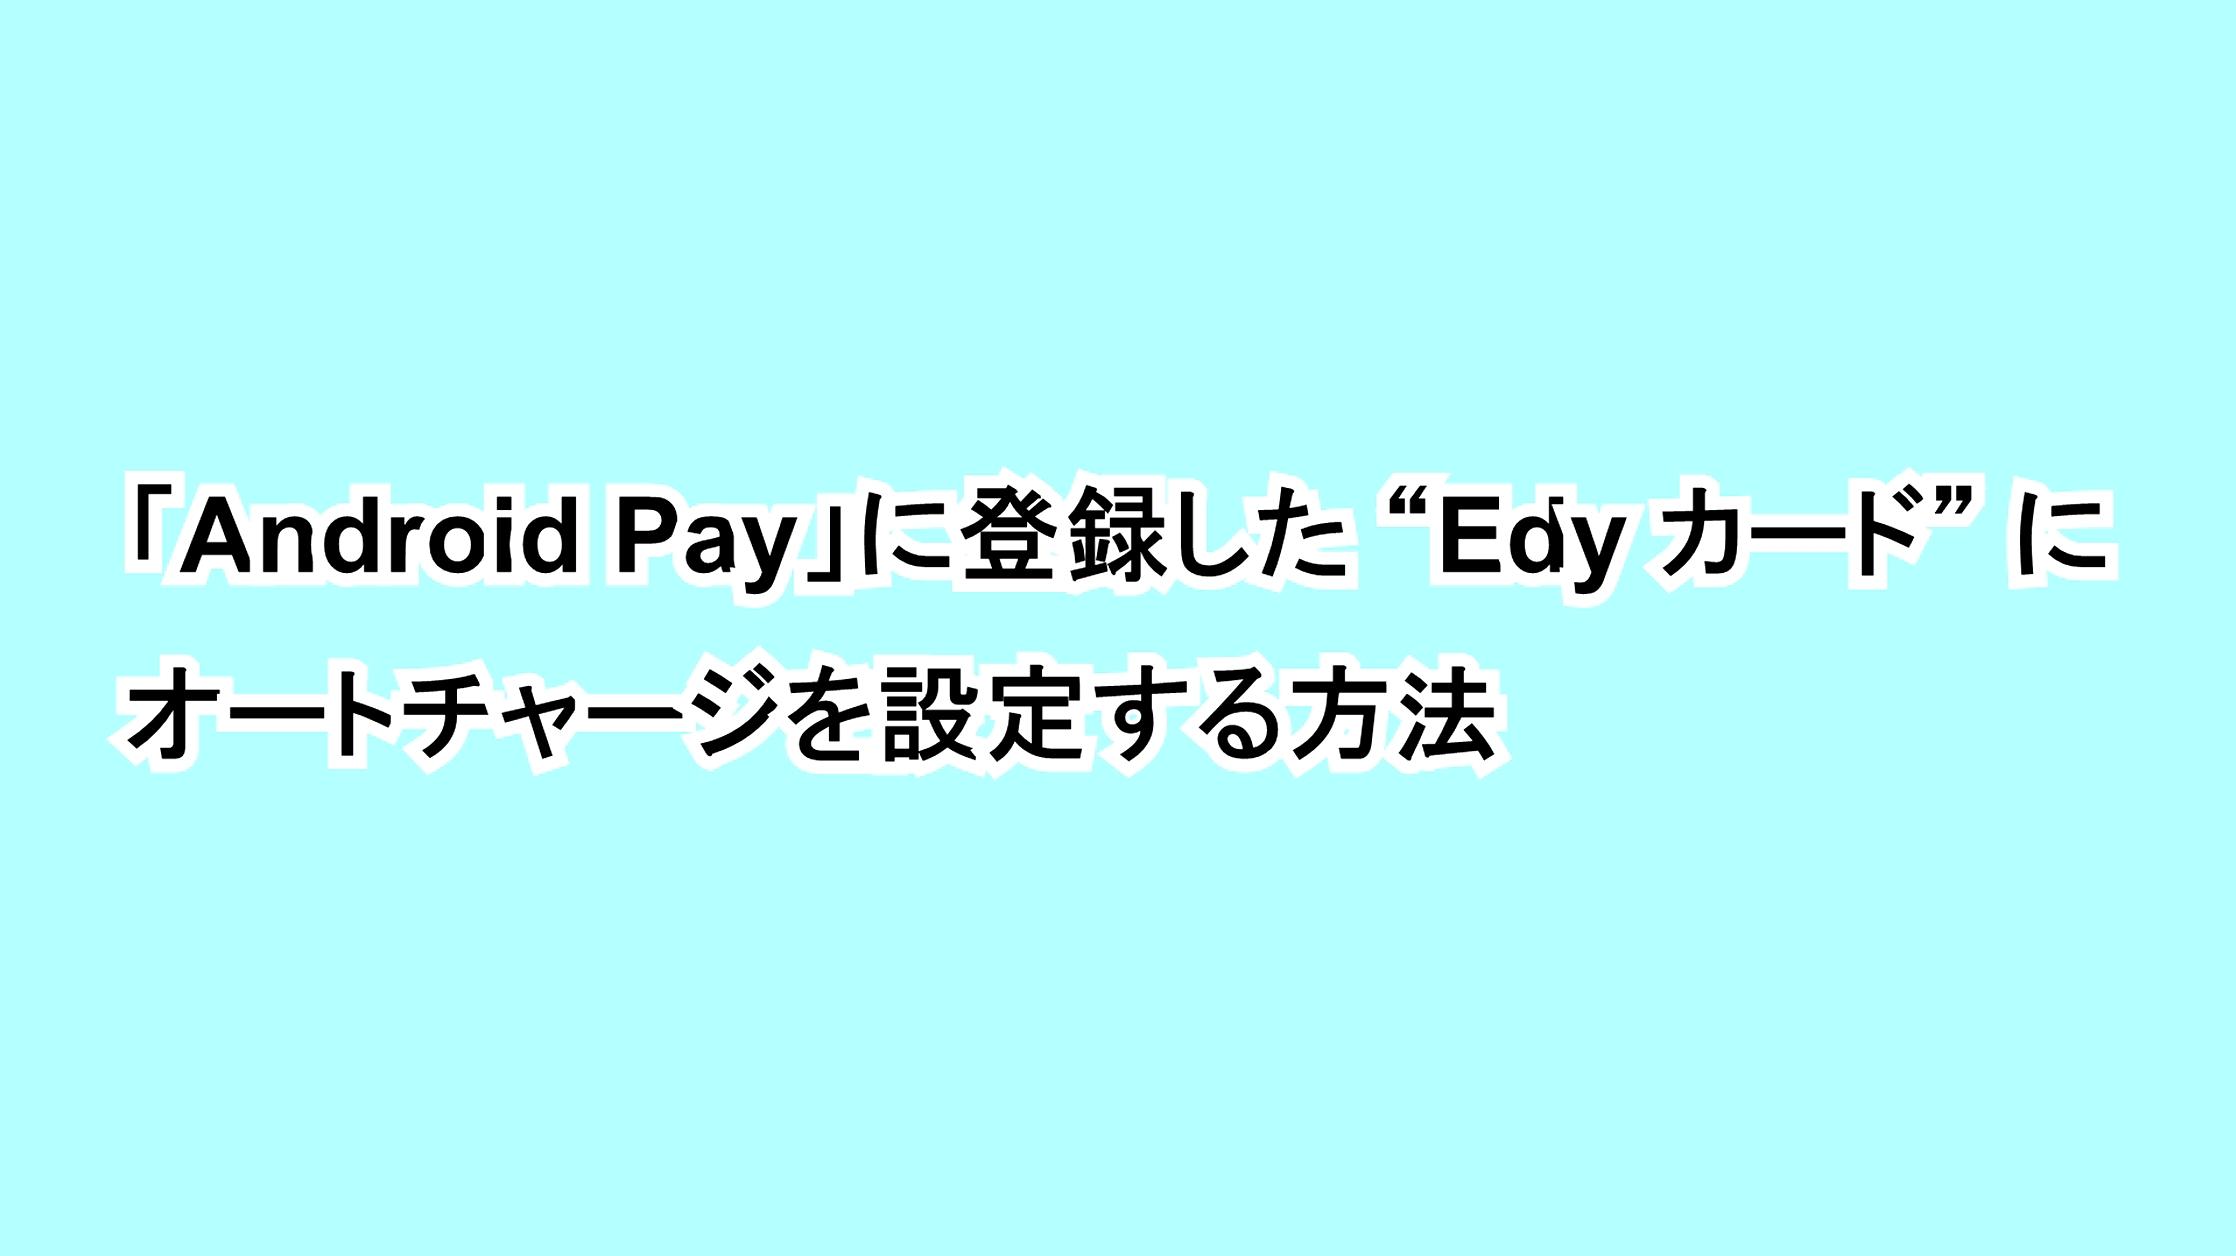 """「Android Pay」に登録した""""Edy カード""""にオートチャージを設定する方法"""